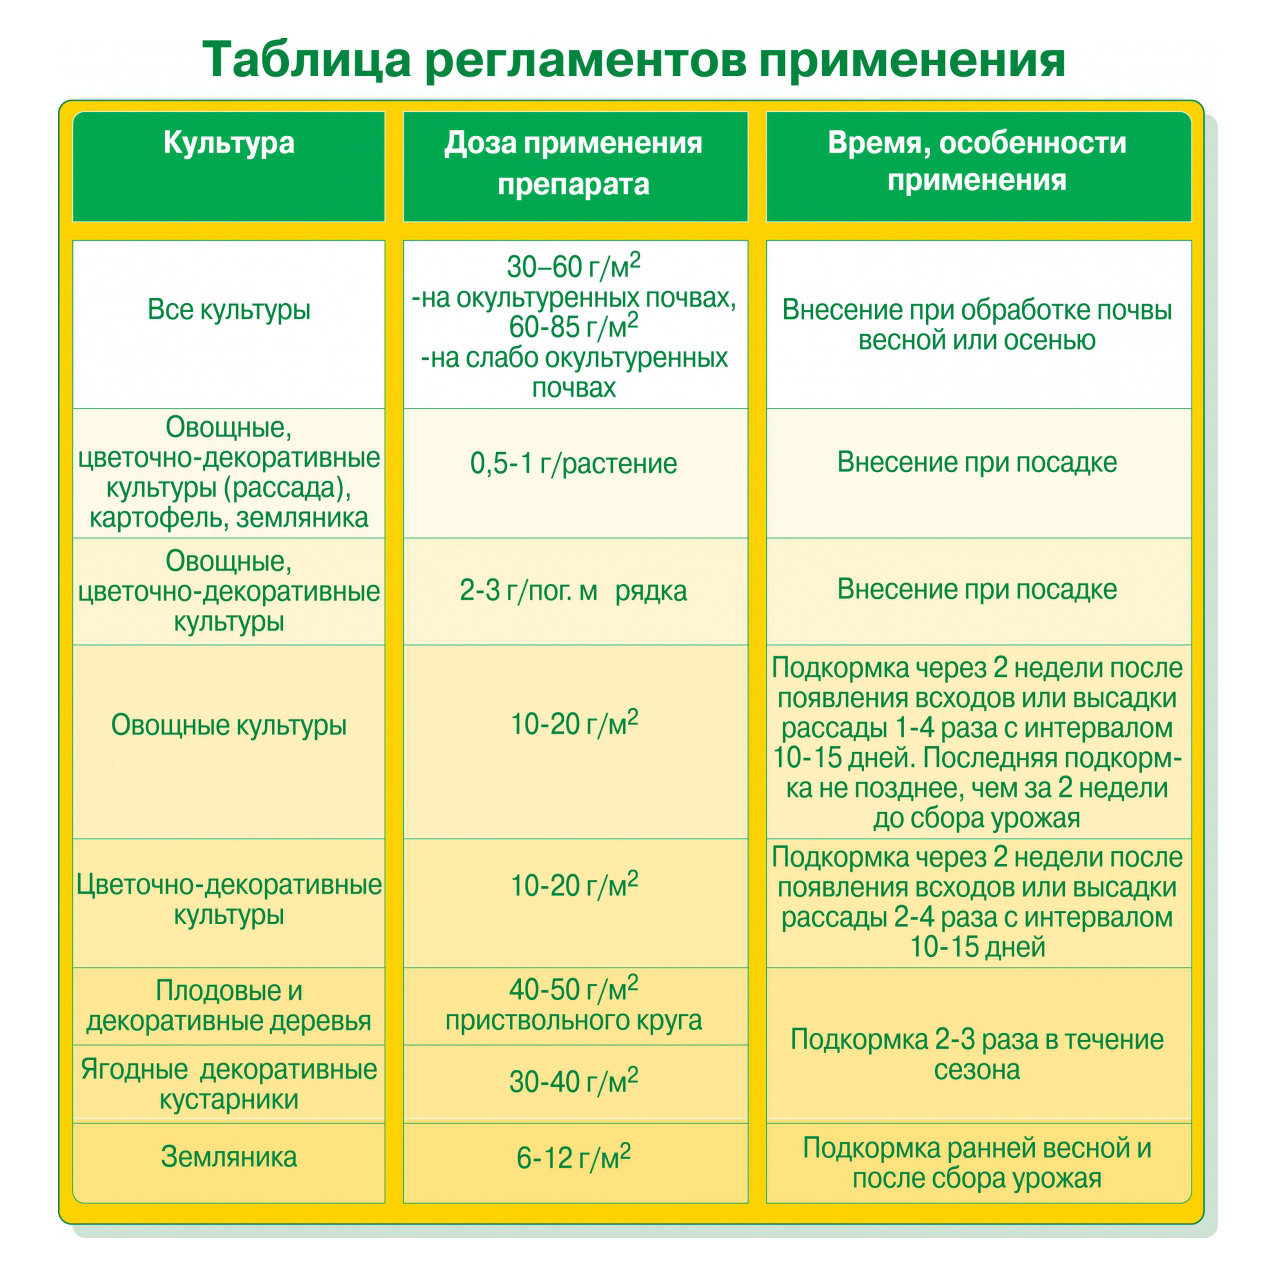 Преципитат: состав и полезные свойства, инструкция по применению удобрения